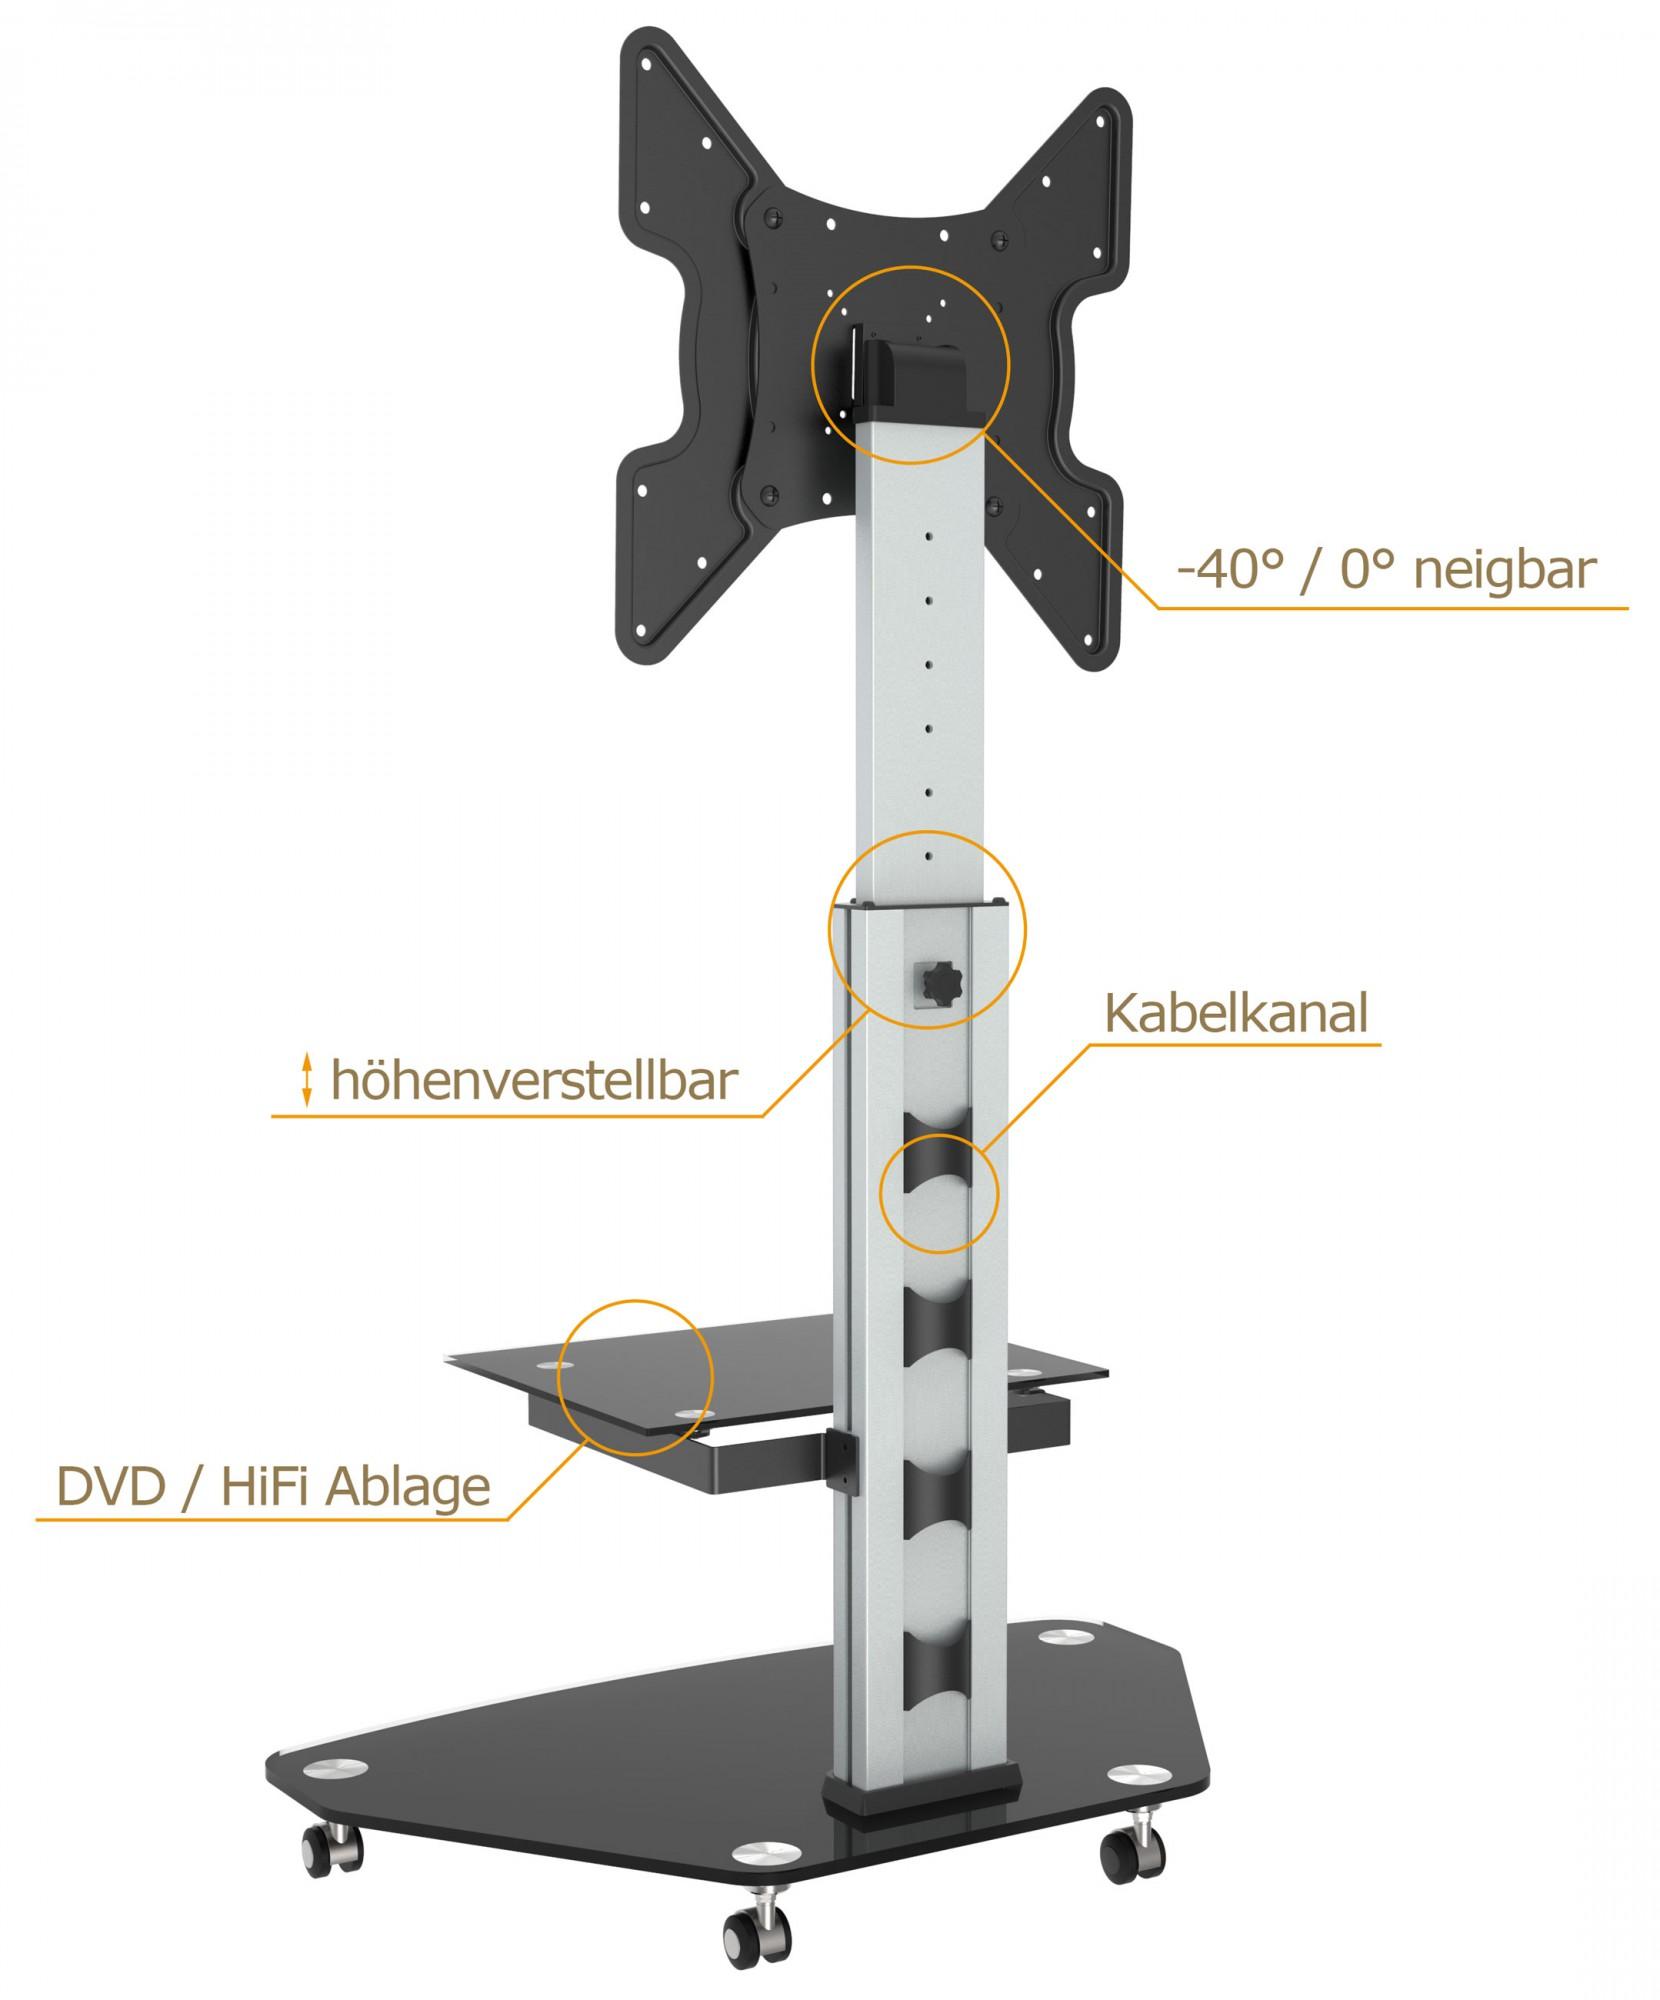 tv standfu mit rollen h henverstellbar neigbar fs0200 11182. Black Bedroom Furniture Sets. Home Design Ideas